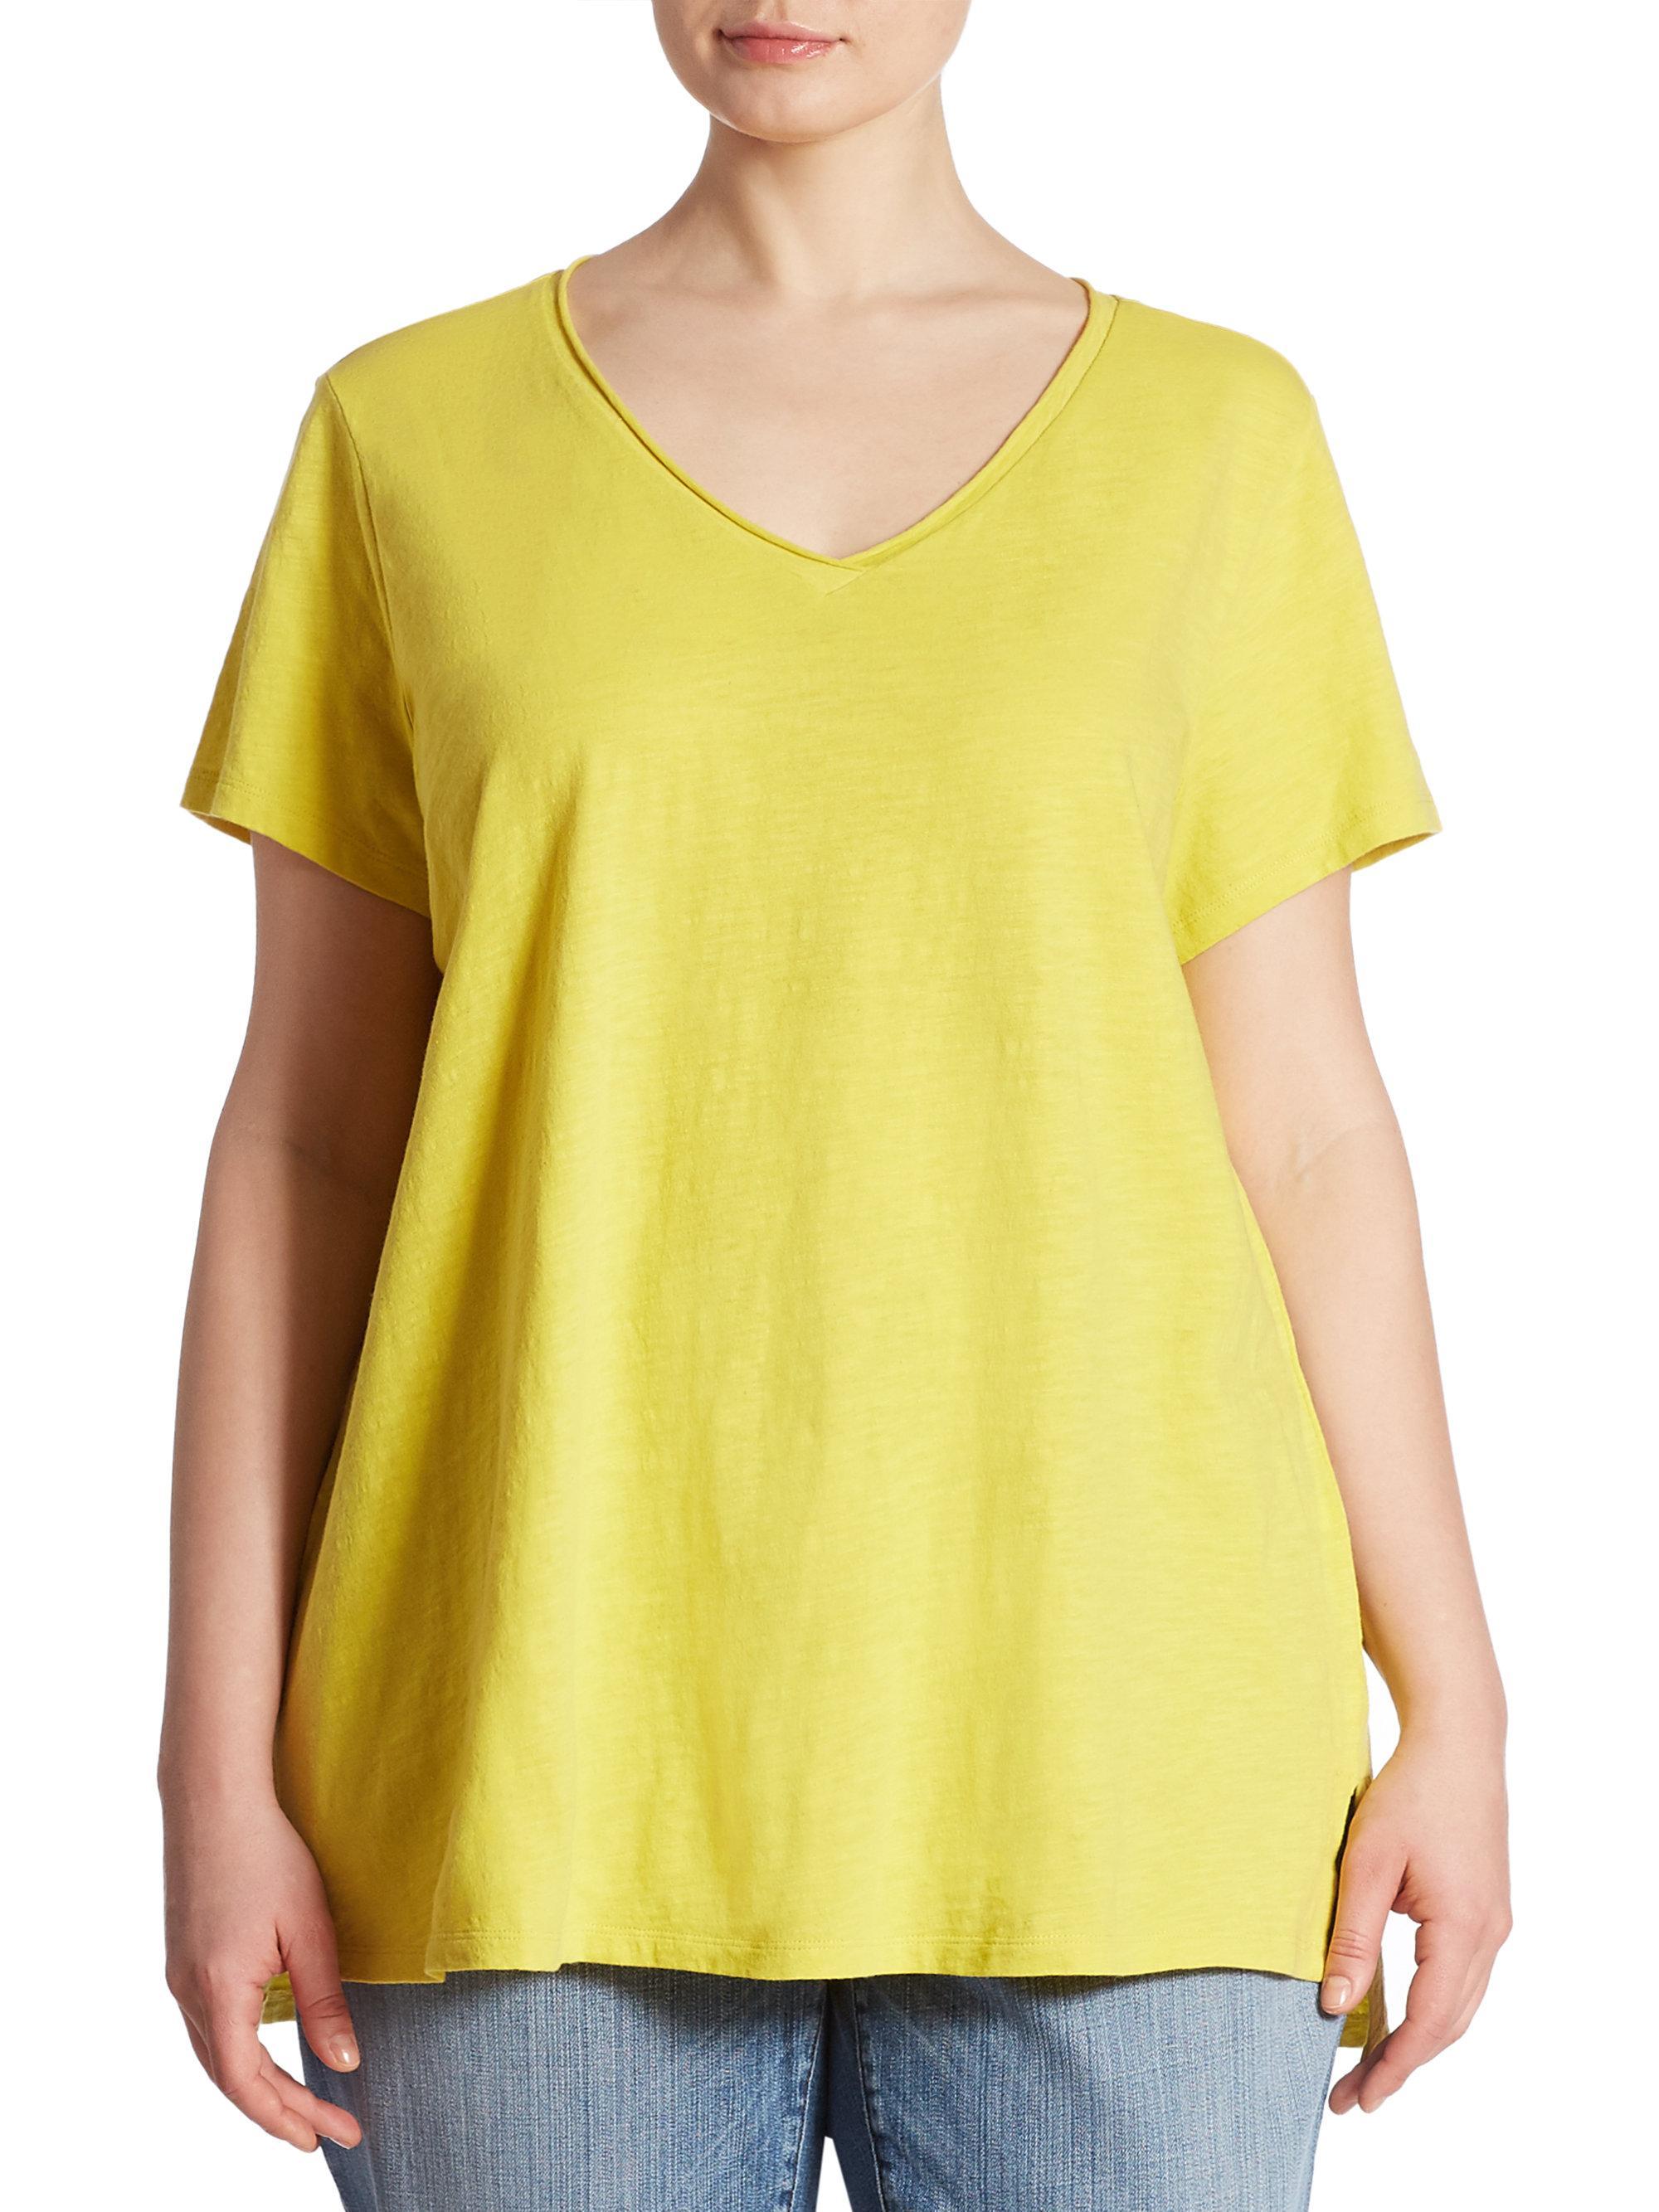 Eileen fisher slub organic cotton tee in yellow lyst for Eileen fisher organic cotton t shirt